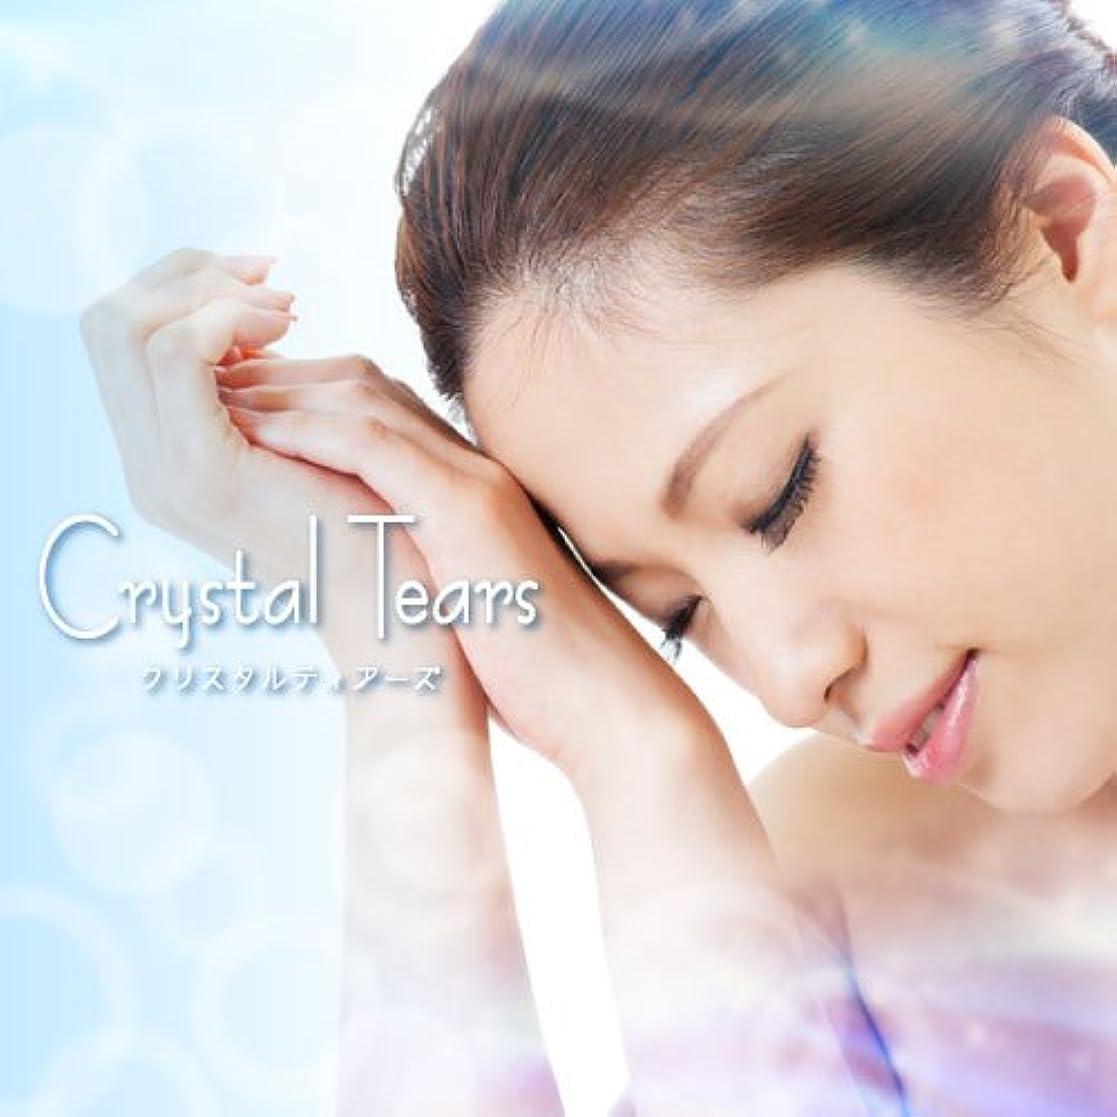 目を覚ますペチュランス中央【3個セット】Crystal Tears(クリスタル ティアーズ)